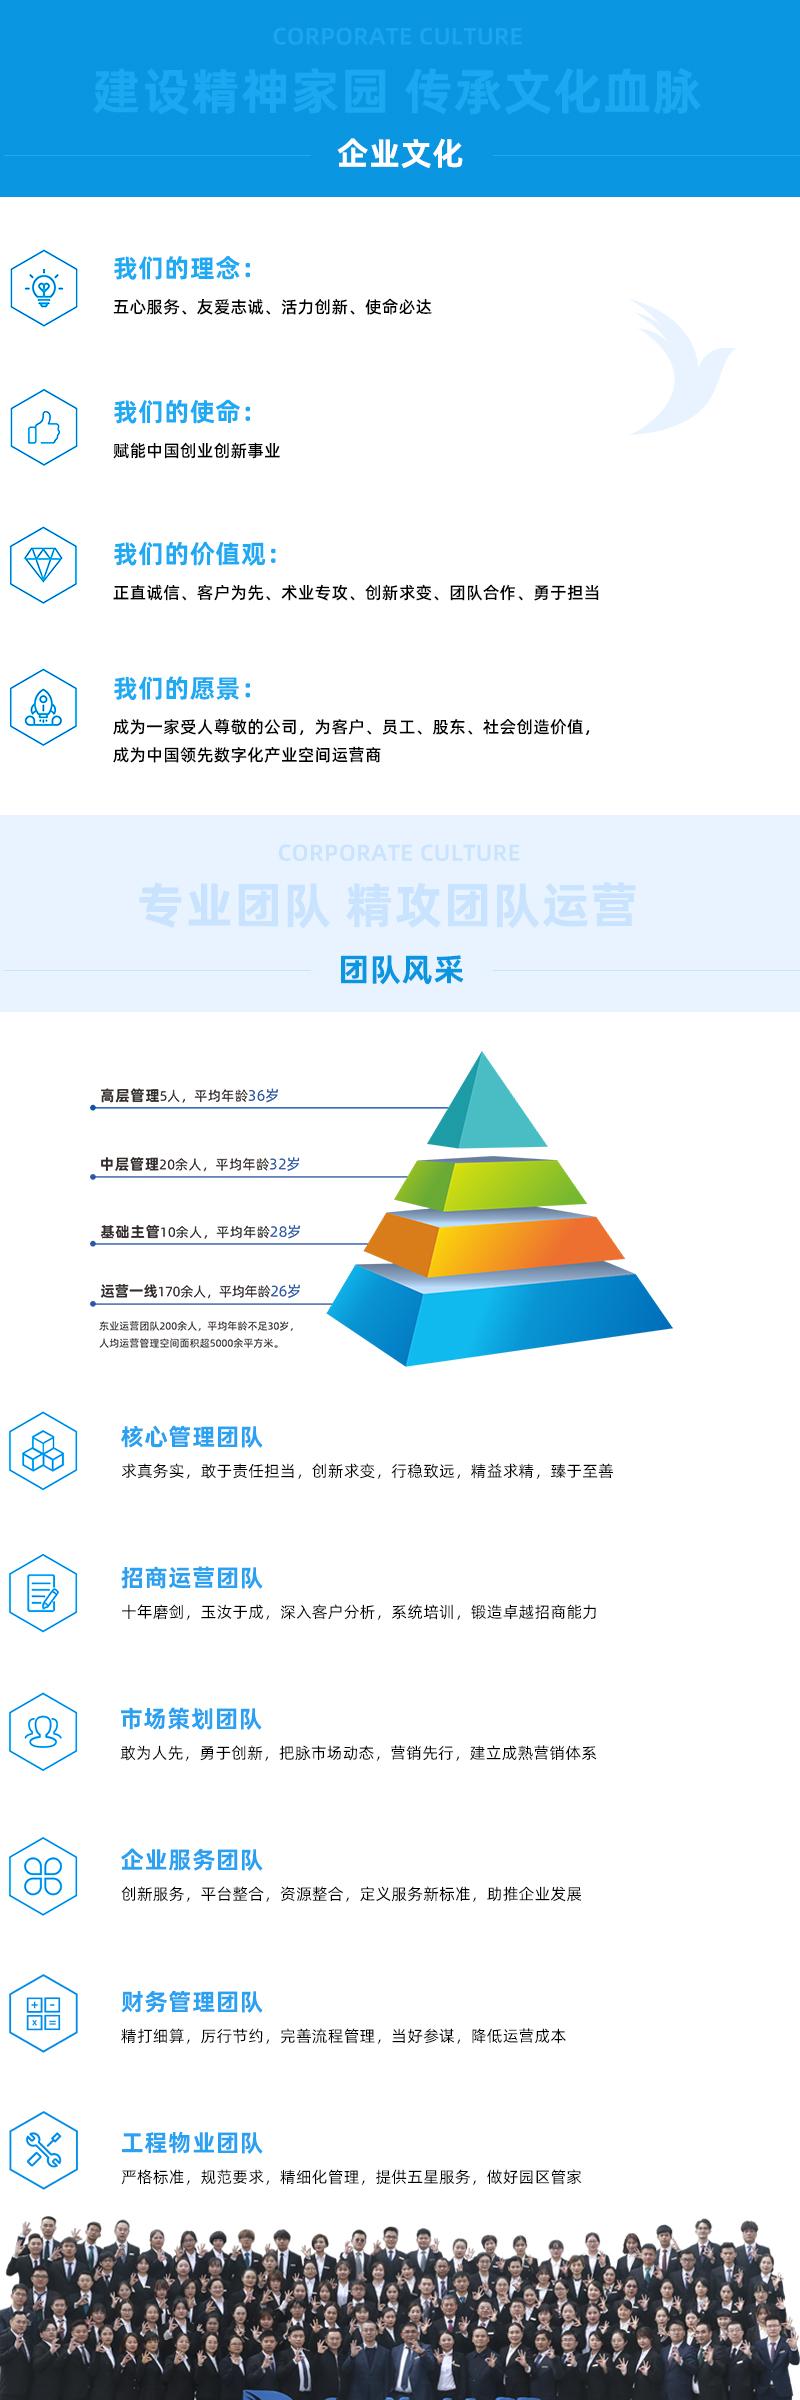 东业集团企业文化